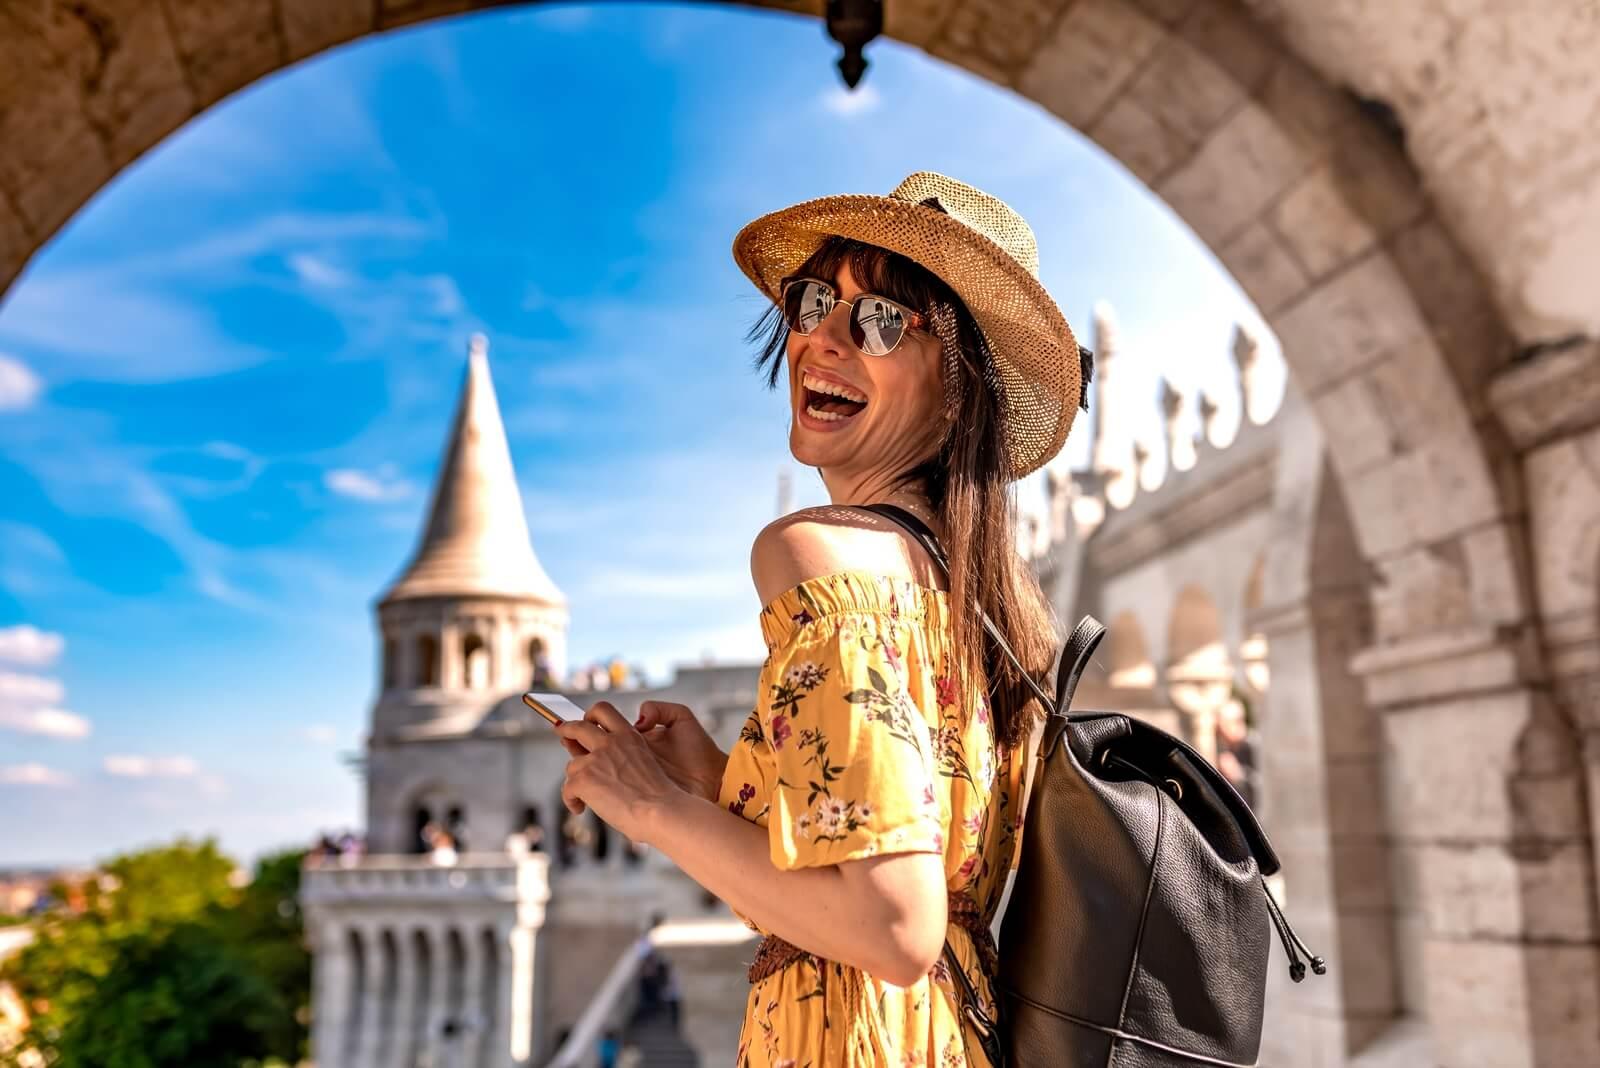 Realizzazione Sito web turismo tour operator Puglia: Tedi Tour - Maingage, Web agency Bari